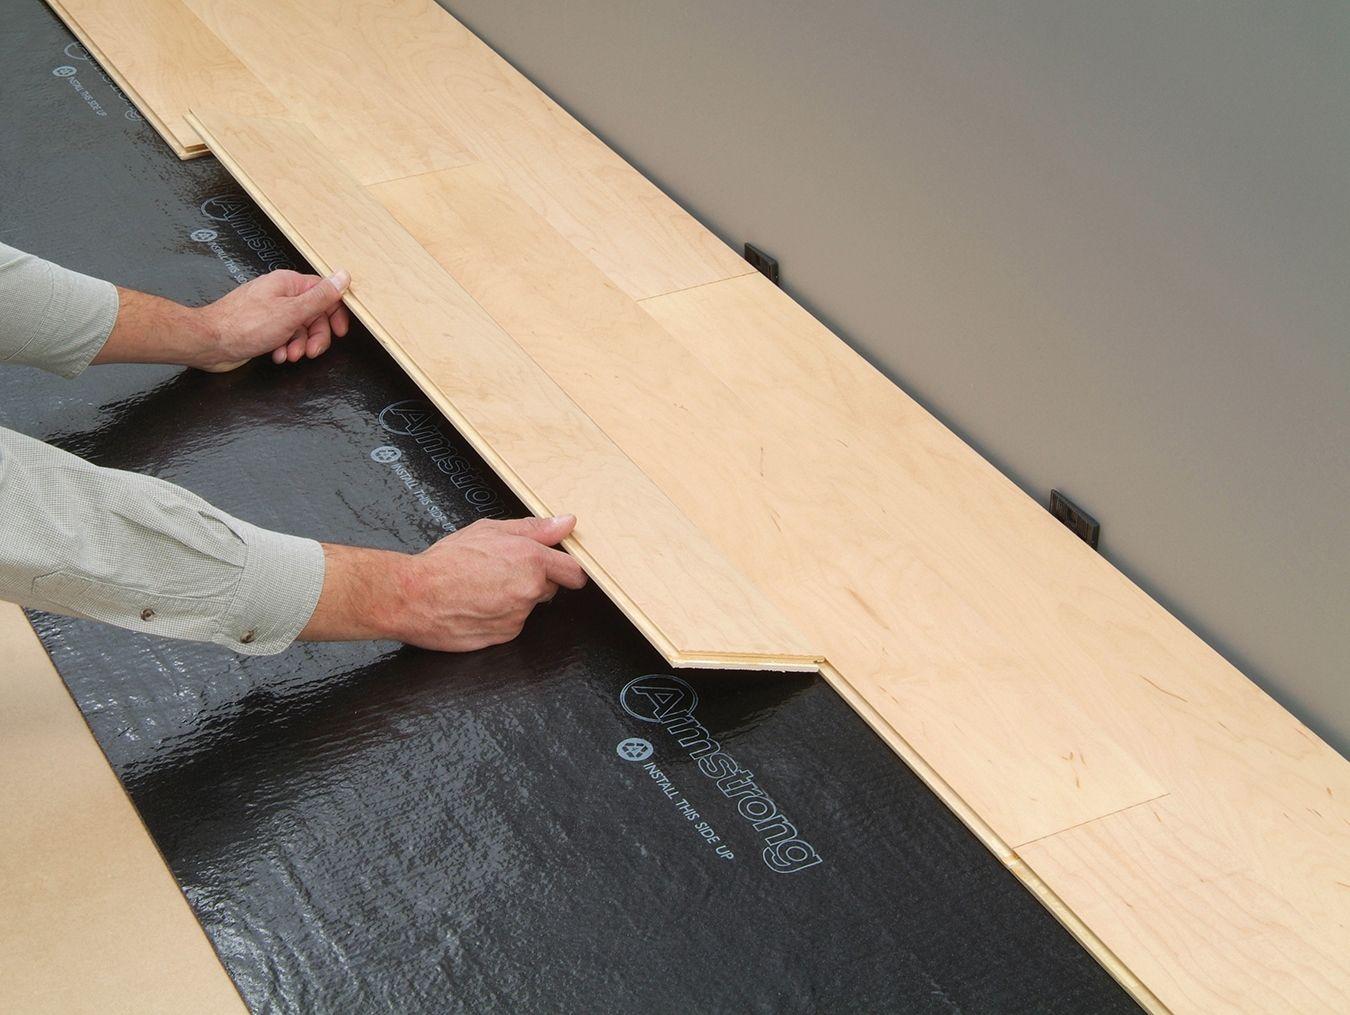 Engineered Hardwood Flooring On Concrete | Diy wood floors ...